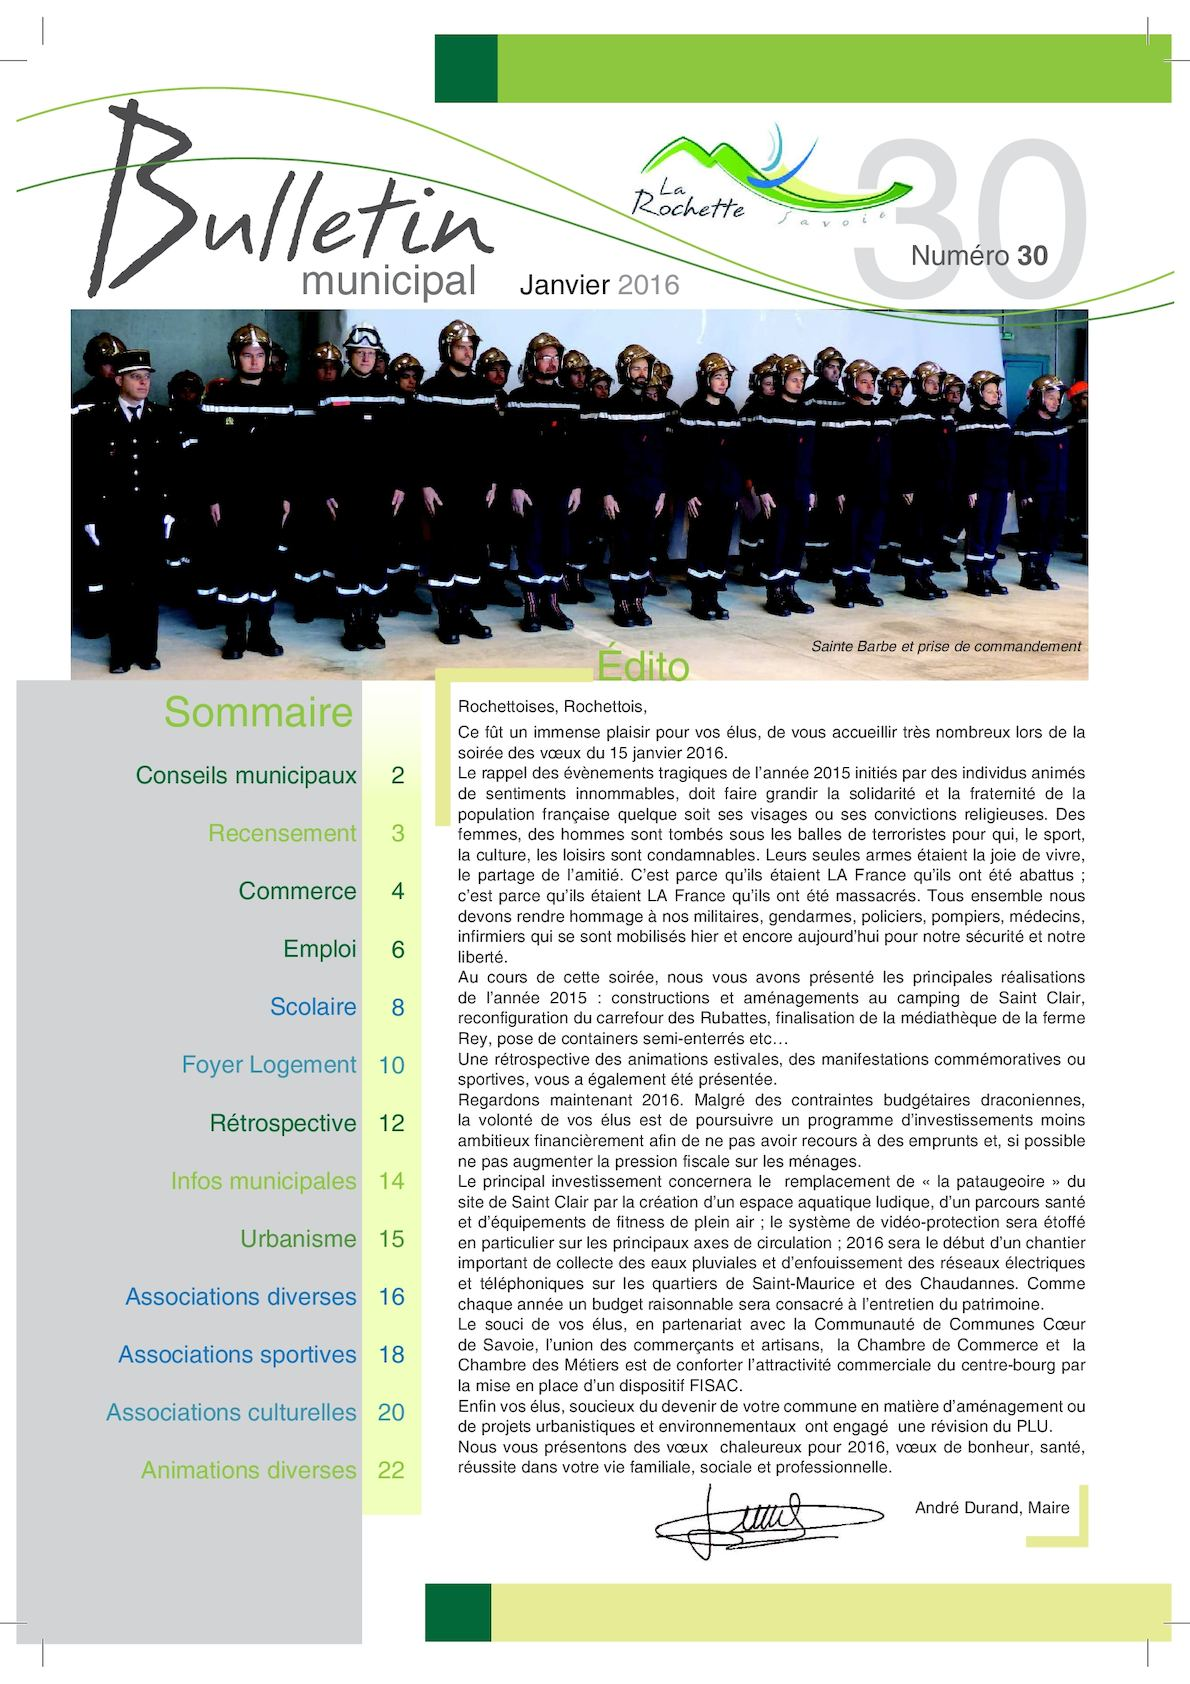 Vision Unik La Rochette calaméo - bulletin municipal la rochette janvier 2016